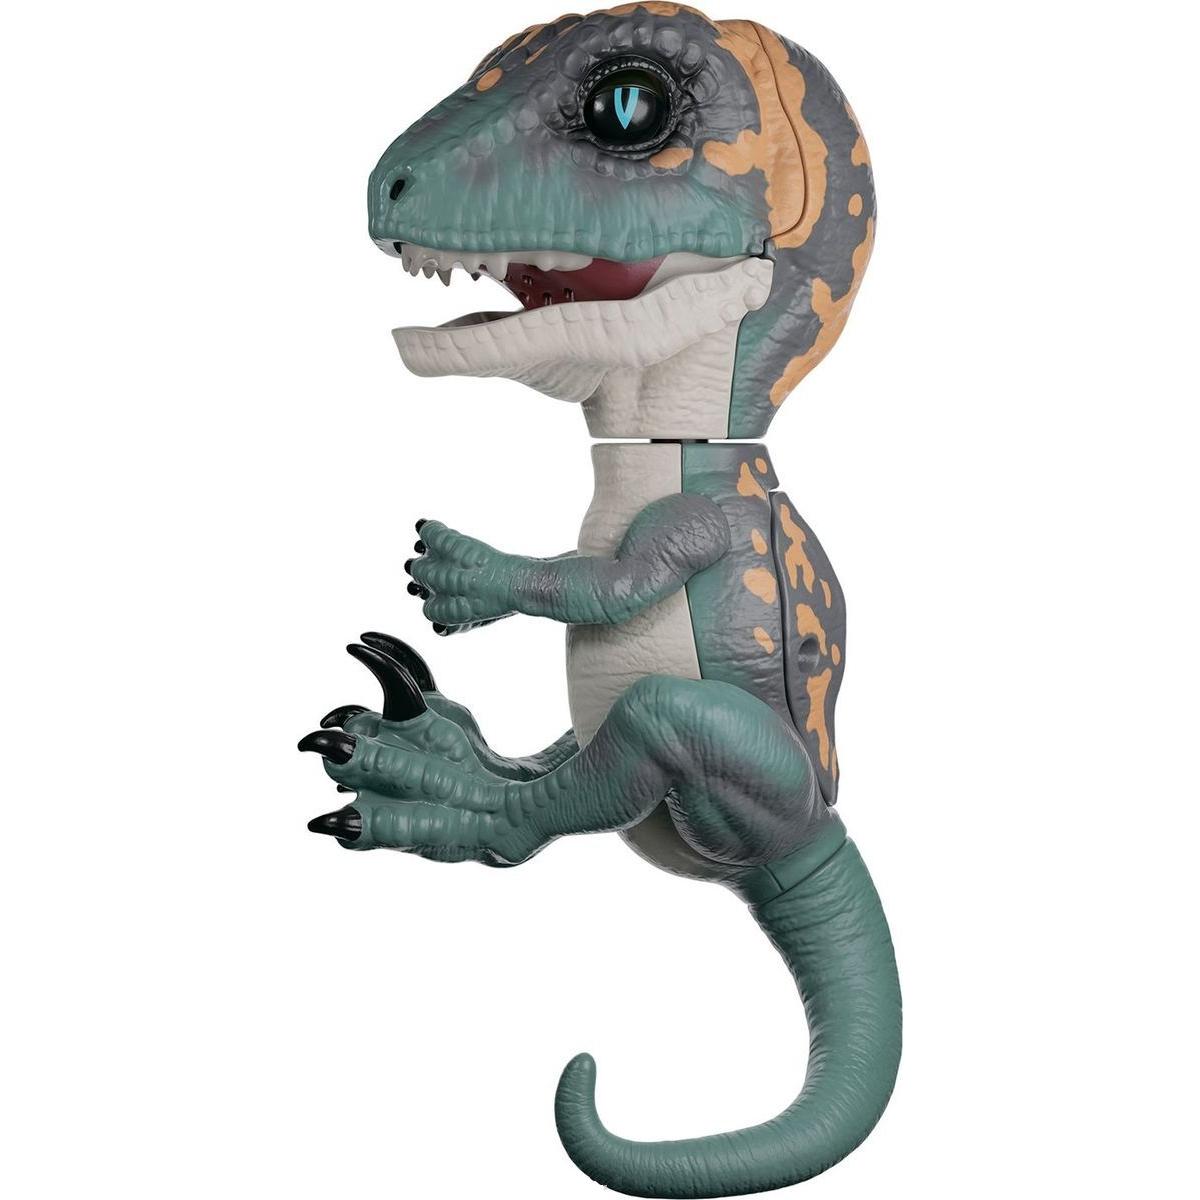 Купить Интерактивный динозавр Fingerlings Фури, цвет - темно-зеленый с бежевым, 12 см., WowWee